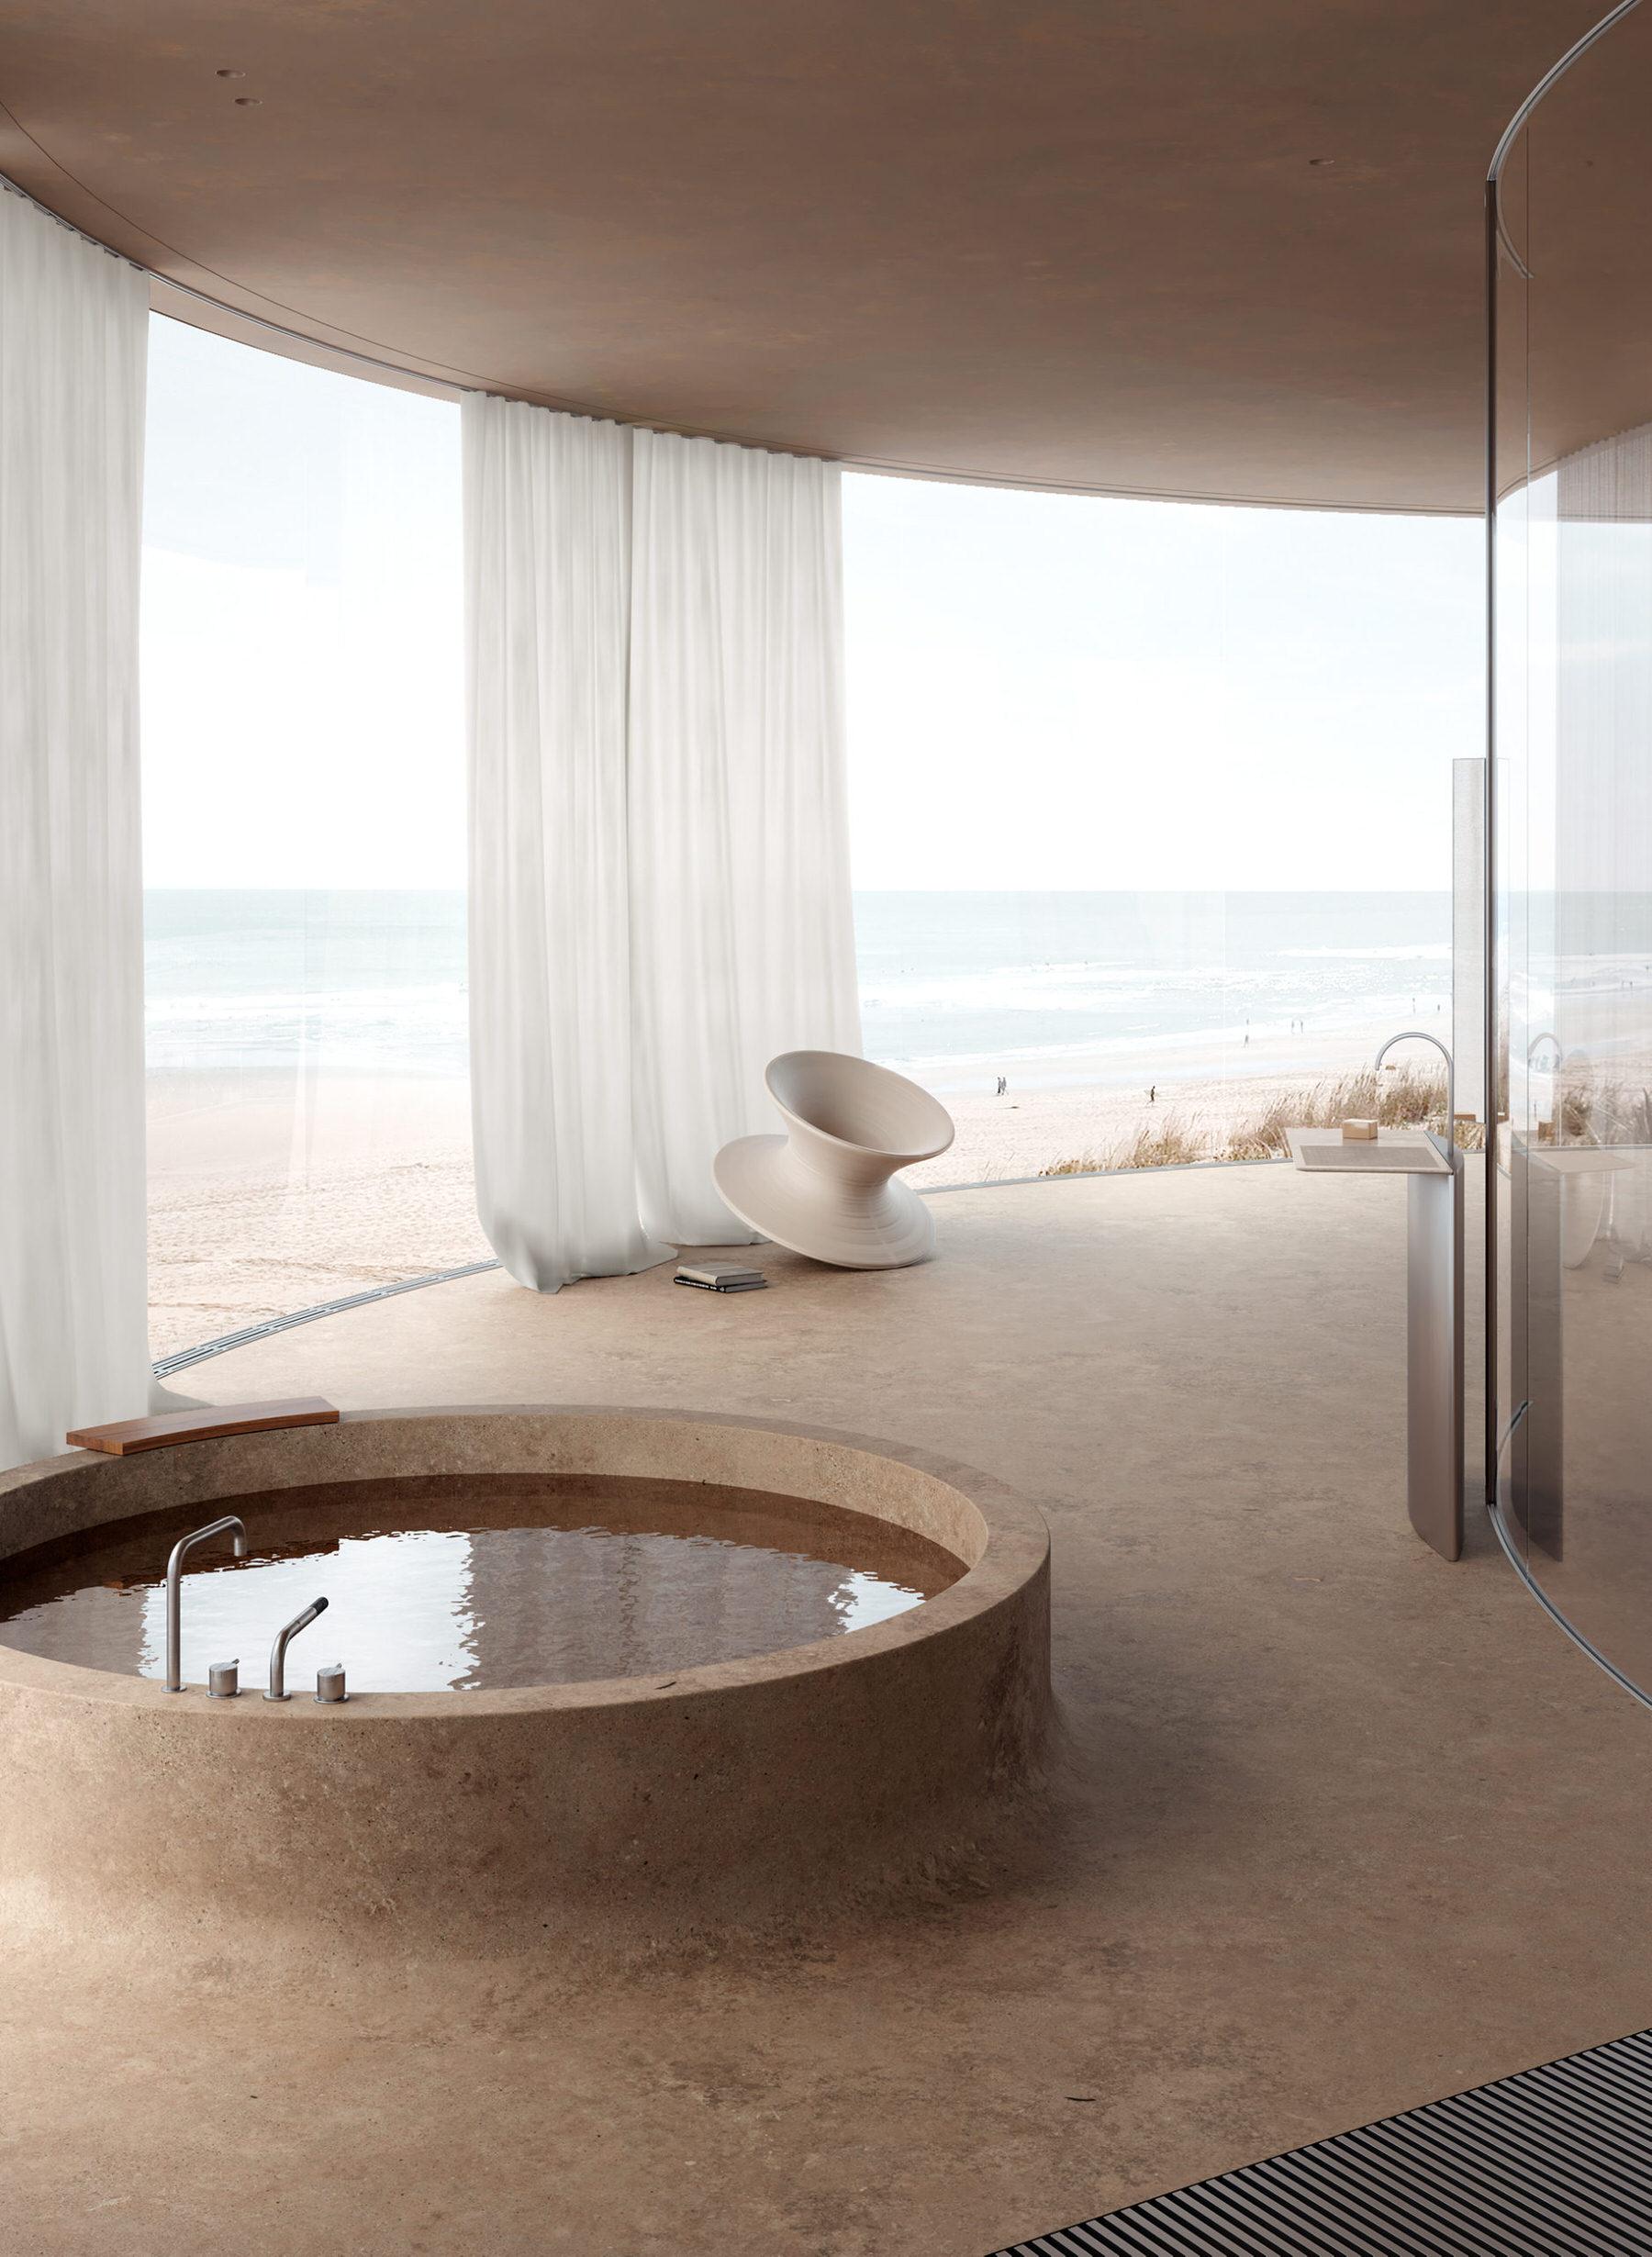 Beach Hotel Concept Room in Odessa, Ukraine byAlexey Gulesha ofSivak Partners.